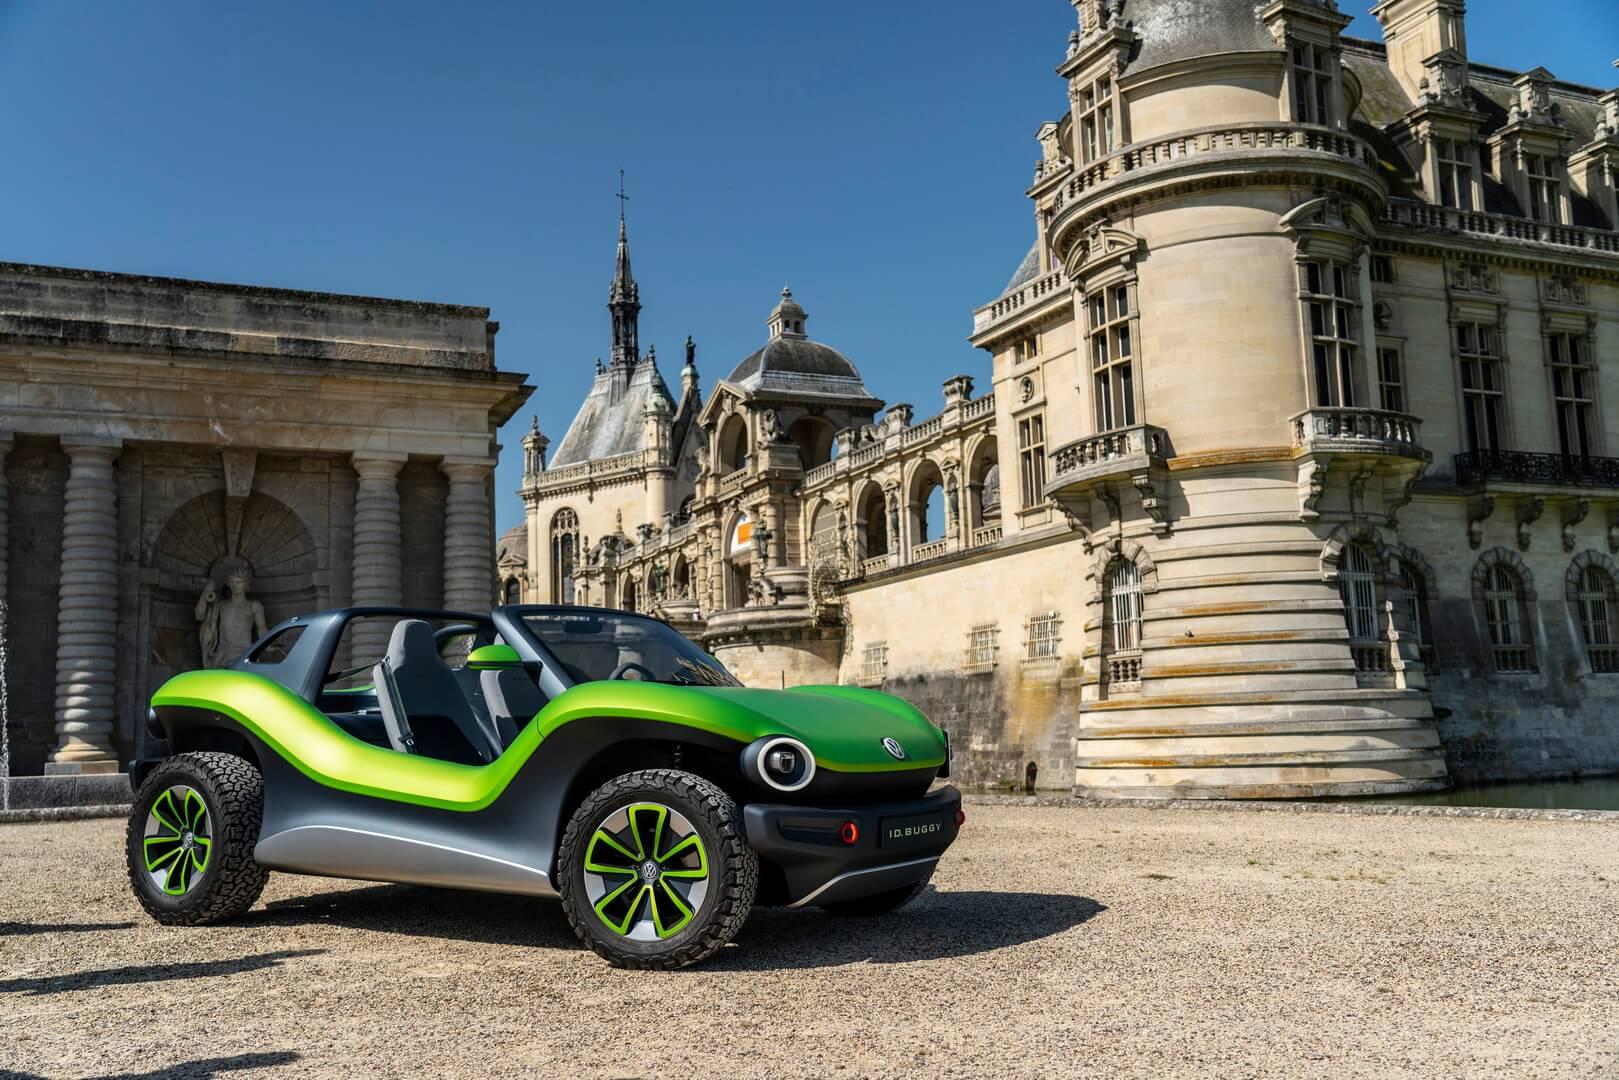 Полностью электрическая версия нового багги от Volkswagen на платформе MEB